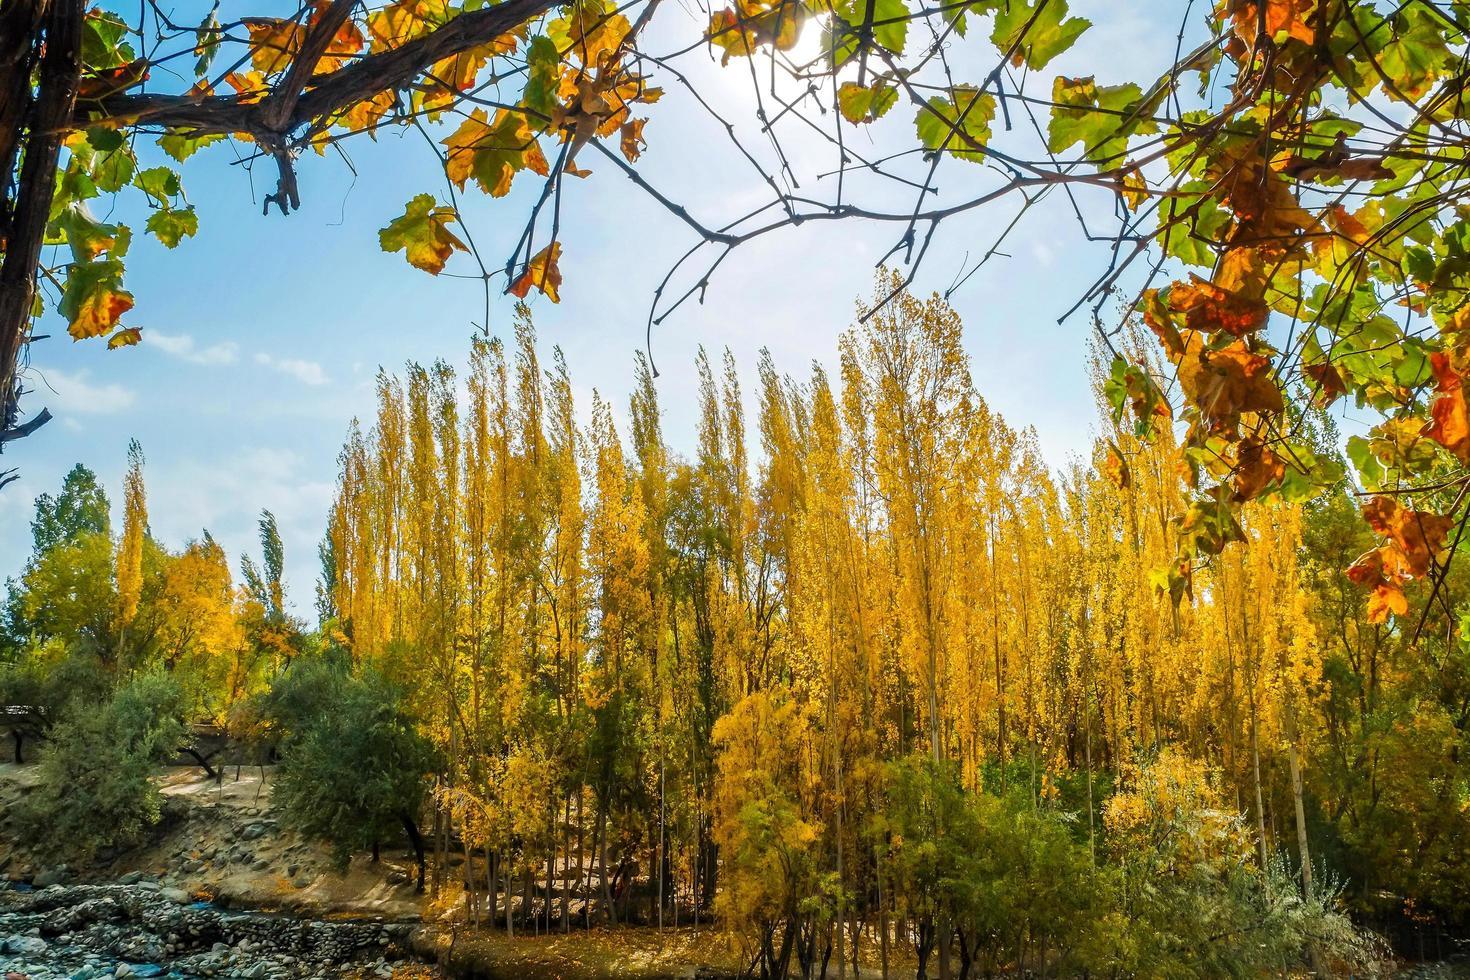 landschapsmening van sigarenbos en gebladerte in de herfst, Pakistan foto